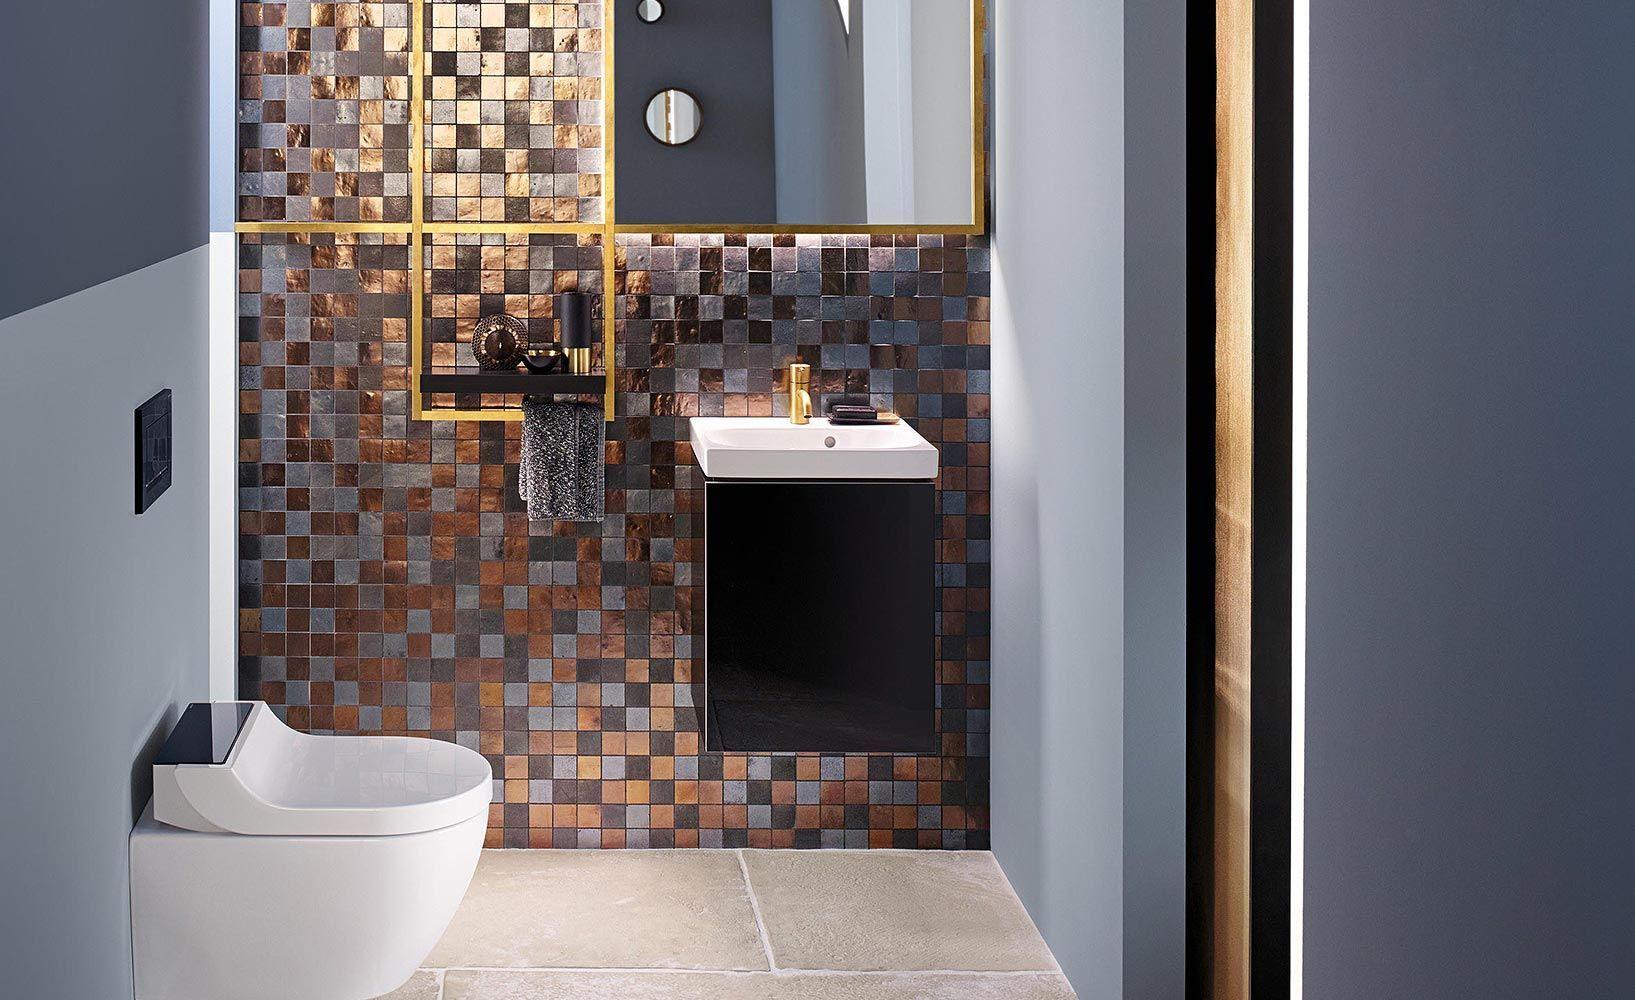 Schicke Ideen Fur Kleine Badezimmer Kleine Badezimmer Badezimmer Bad Einrichten